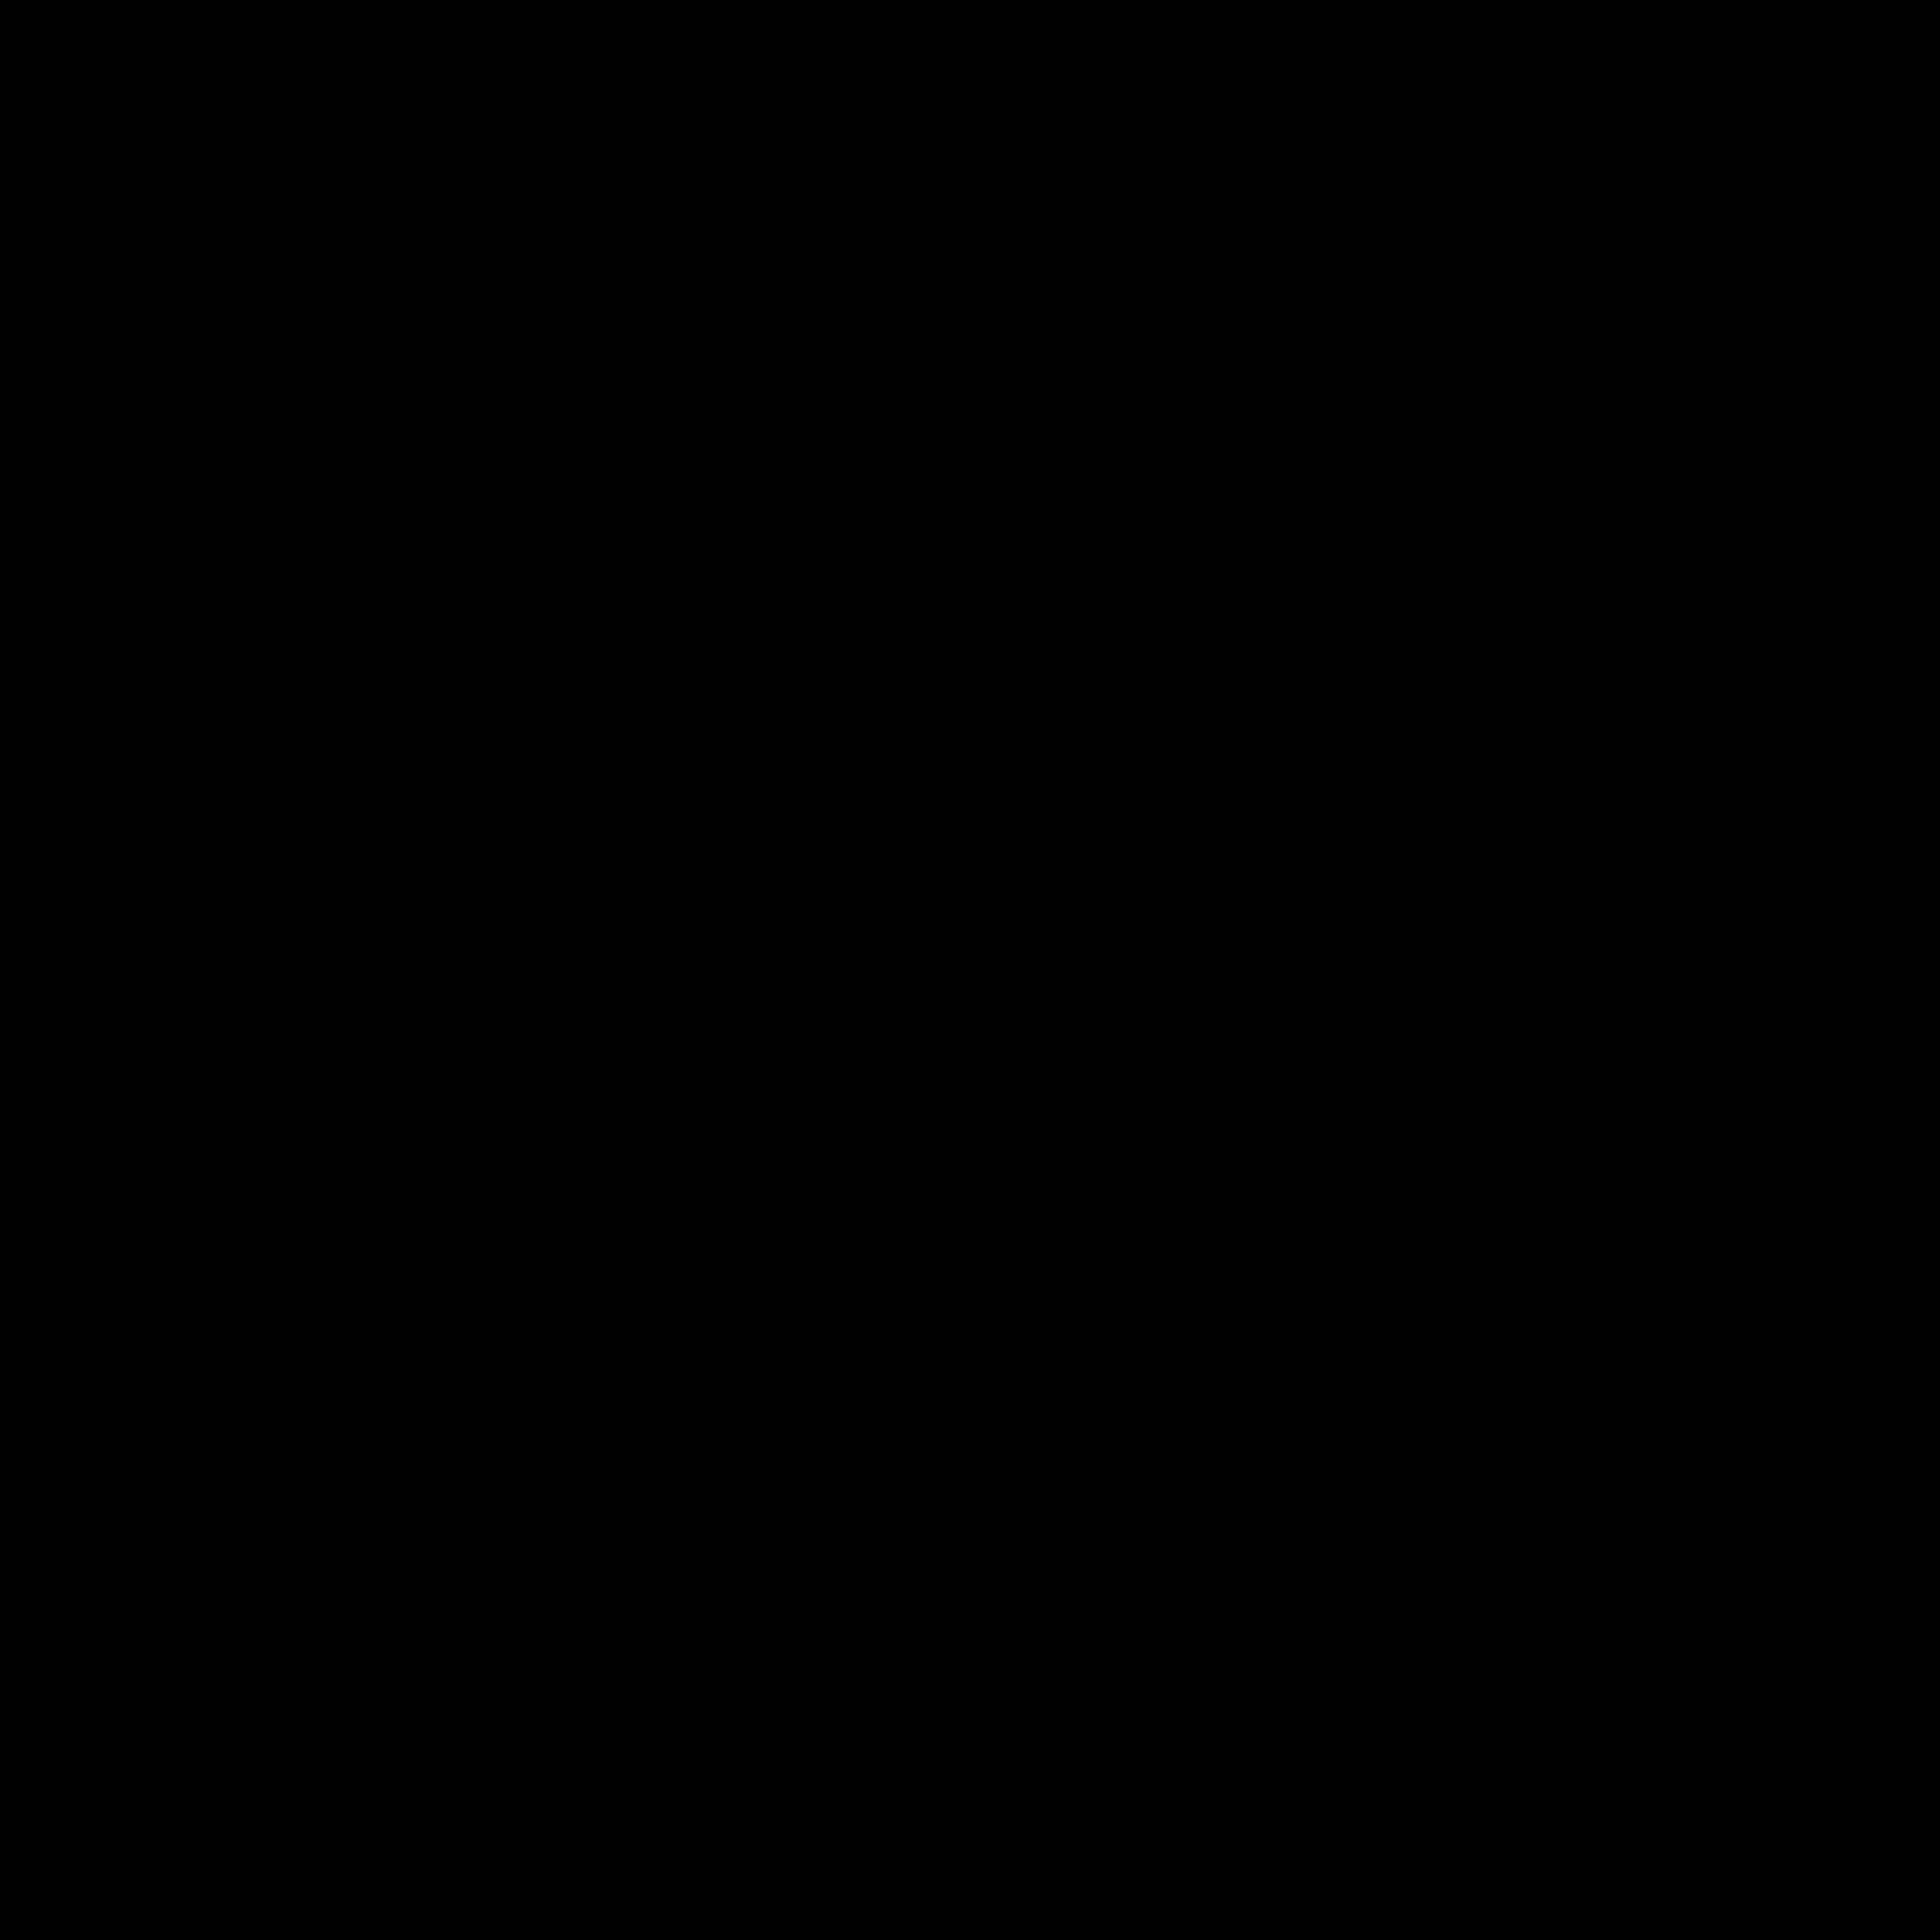 Black, Spotify icon - Spotify Black